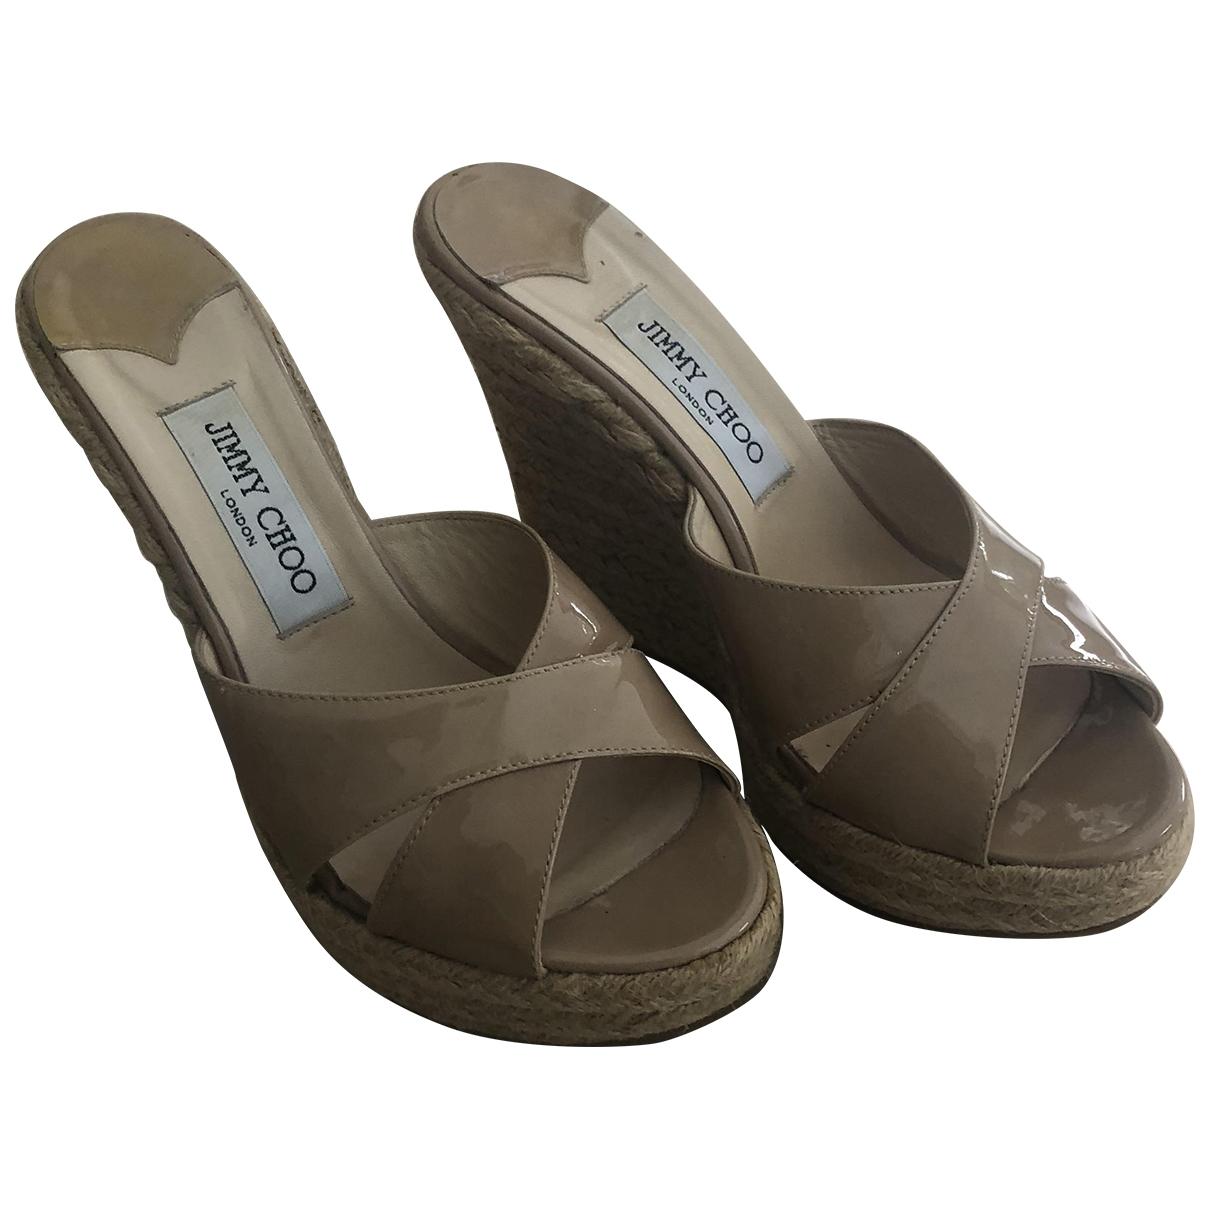 Jimmy Choo - Sandales   pour femme en cuir verni - beige